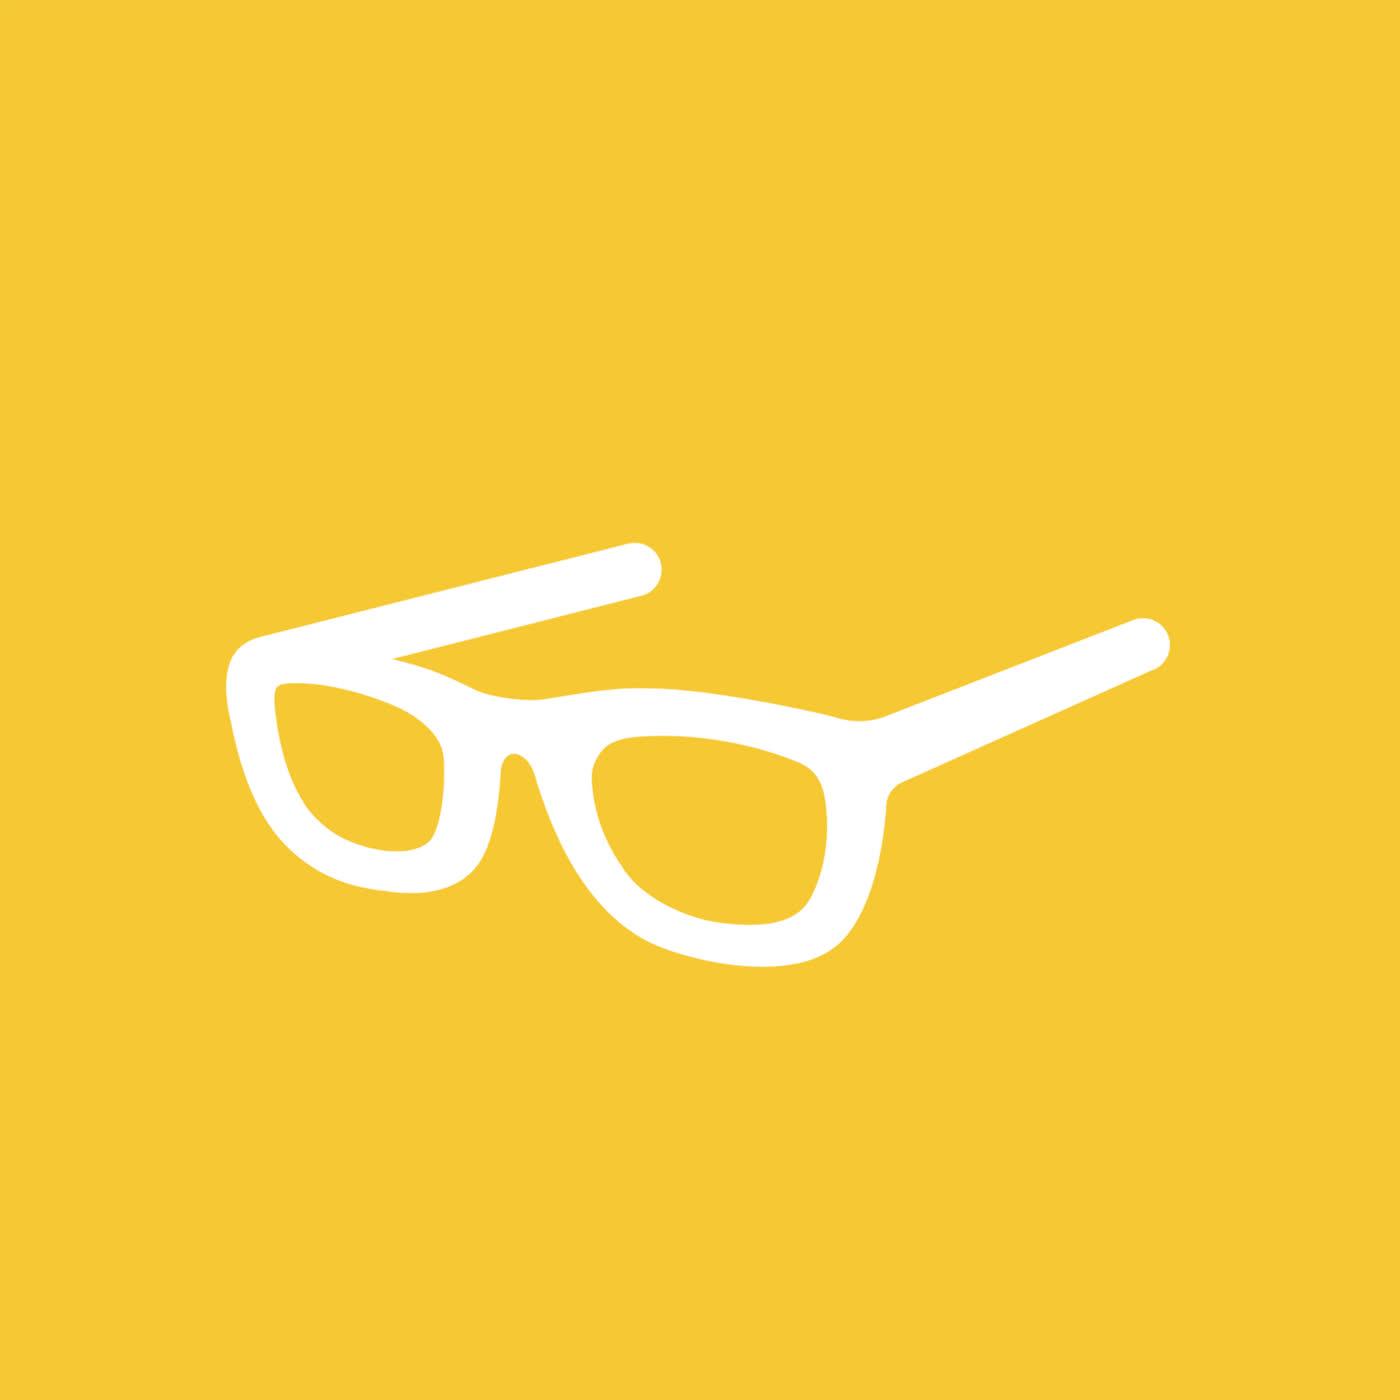 EP 005|原創角色是怎麼商品化的?聊聊授權產業的商業模式和變現手段 ft. Fandora Shop共同創辦人 捲毛